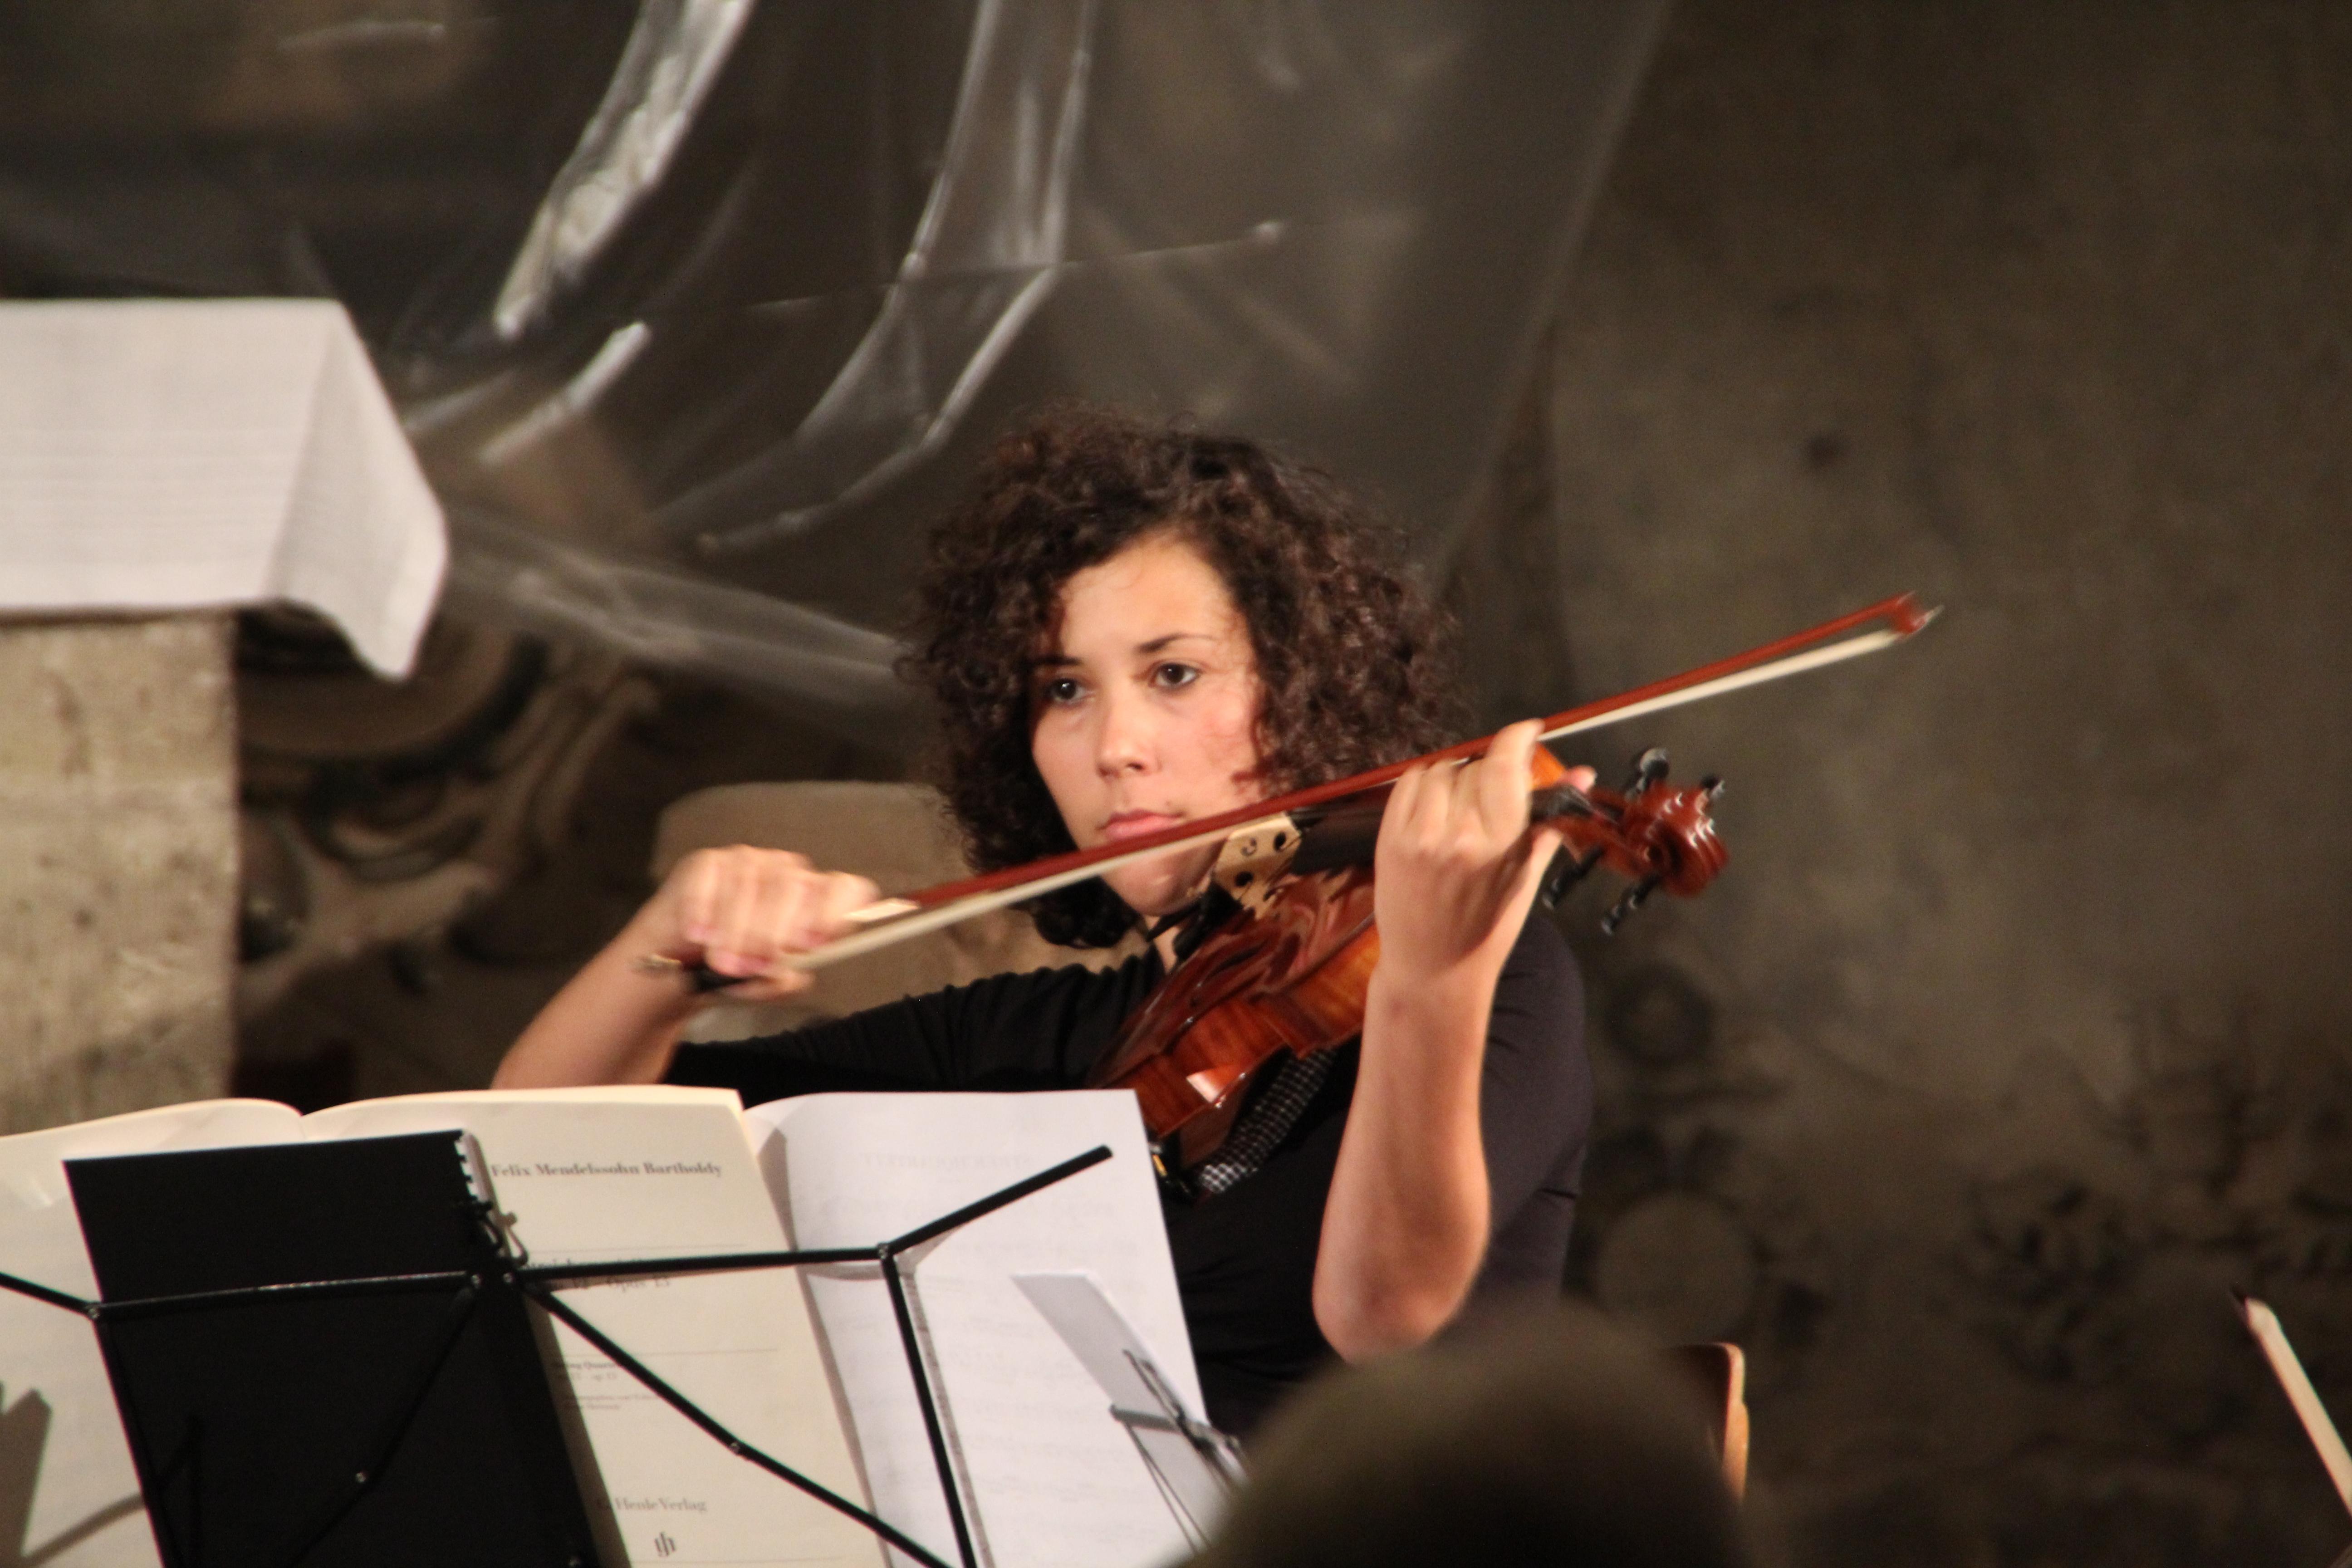 Teilnehmerin der Internationalen Kammermusikwoche 2012 in der Oberkirche, Foto: Oberkirche Arnstadt e.V.